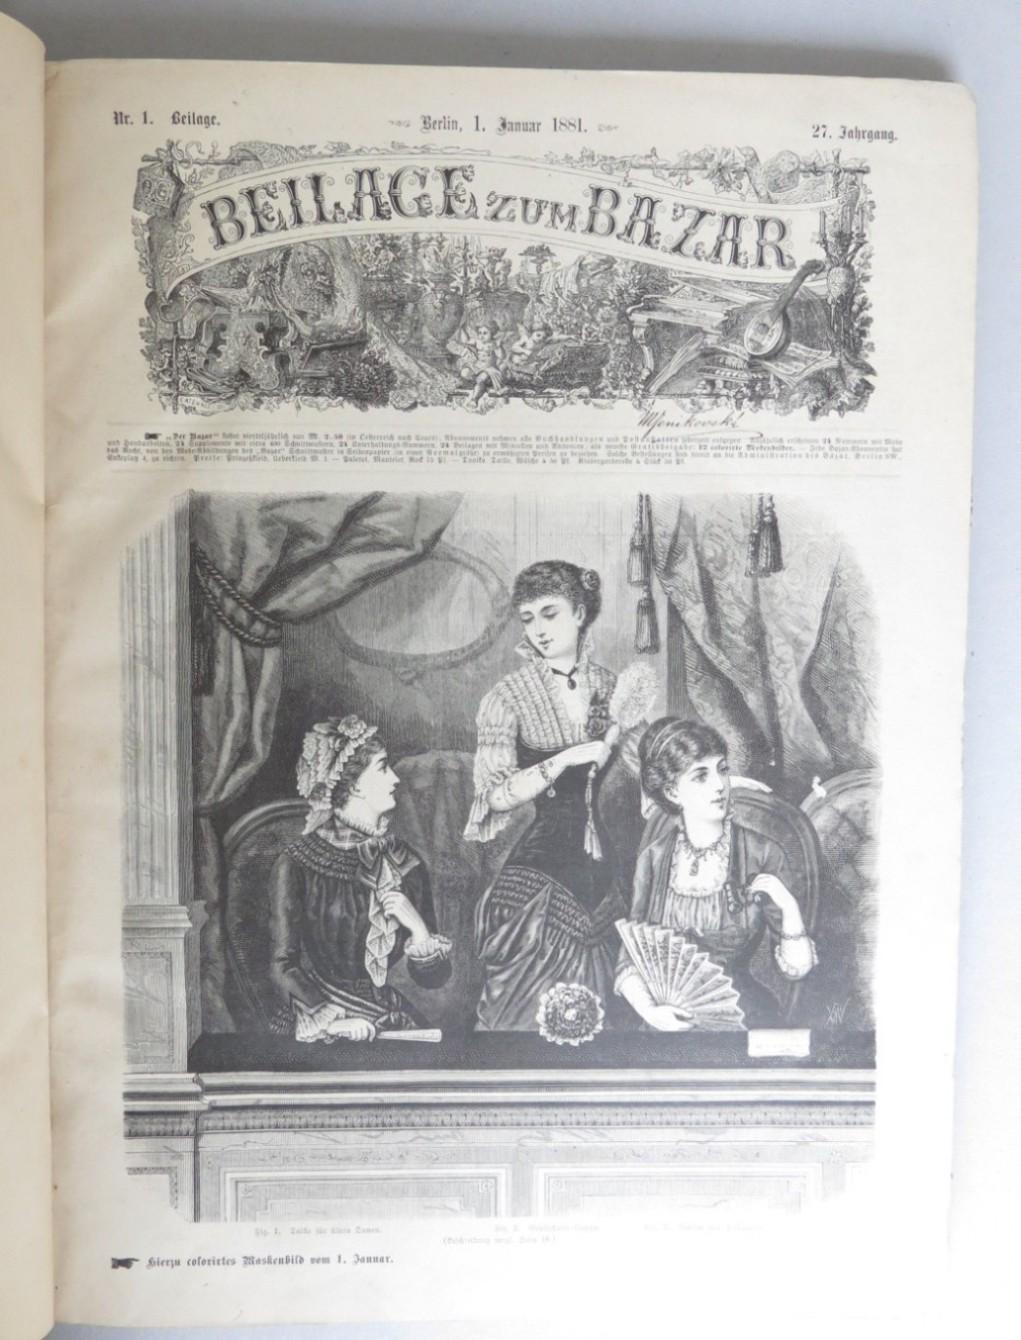 Beilage zum Bazar 27. Jahrgang, 1881, Nrn.: Lenz, Ludwig (ed.)